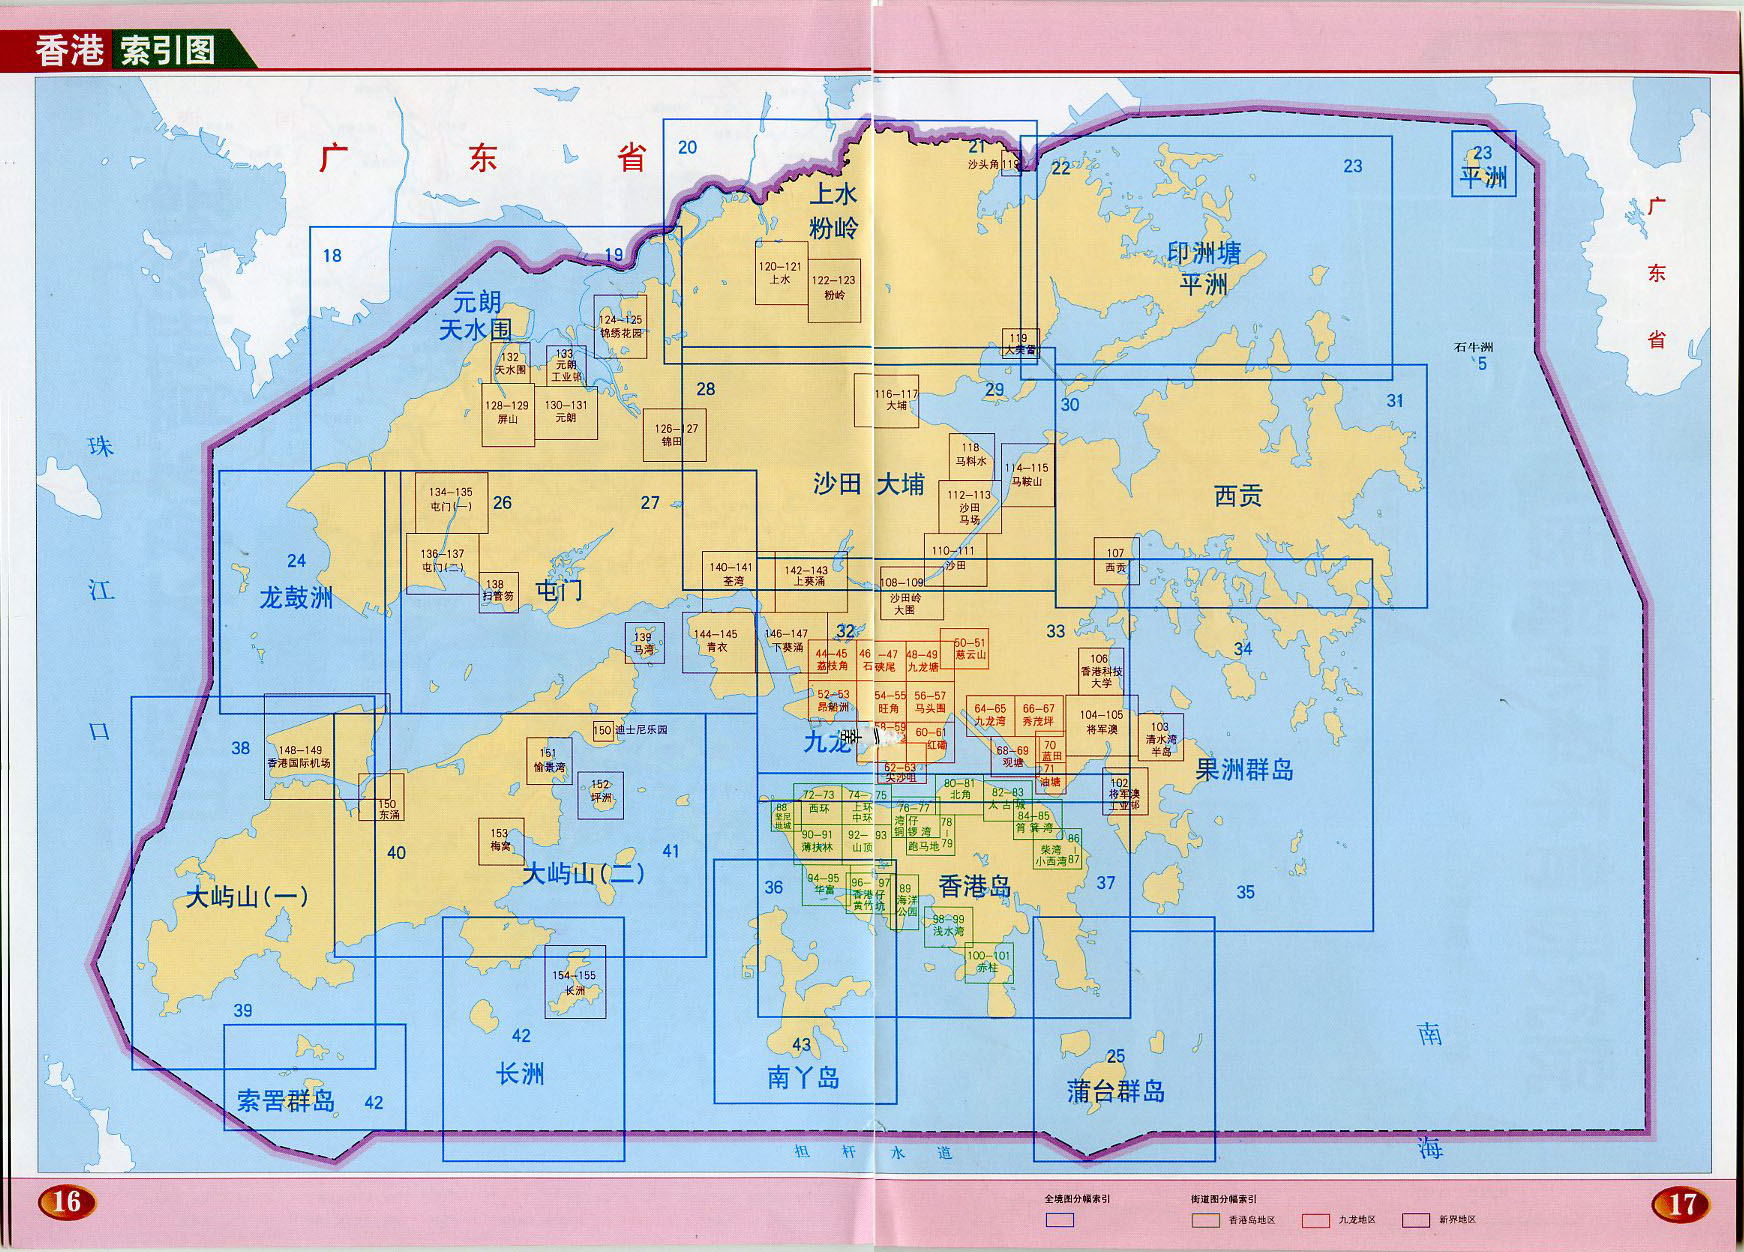 香港邻近地区地图高清版